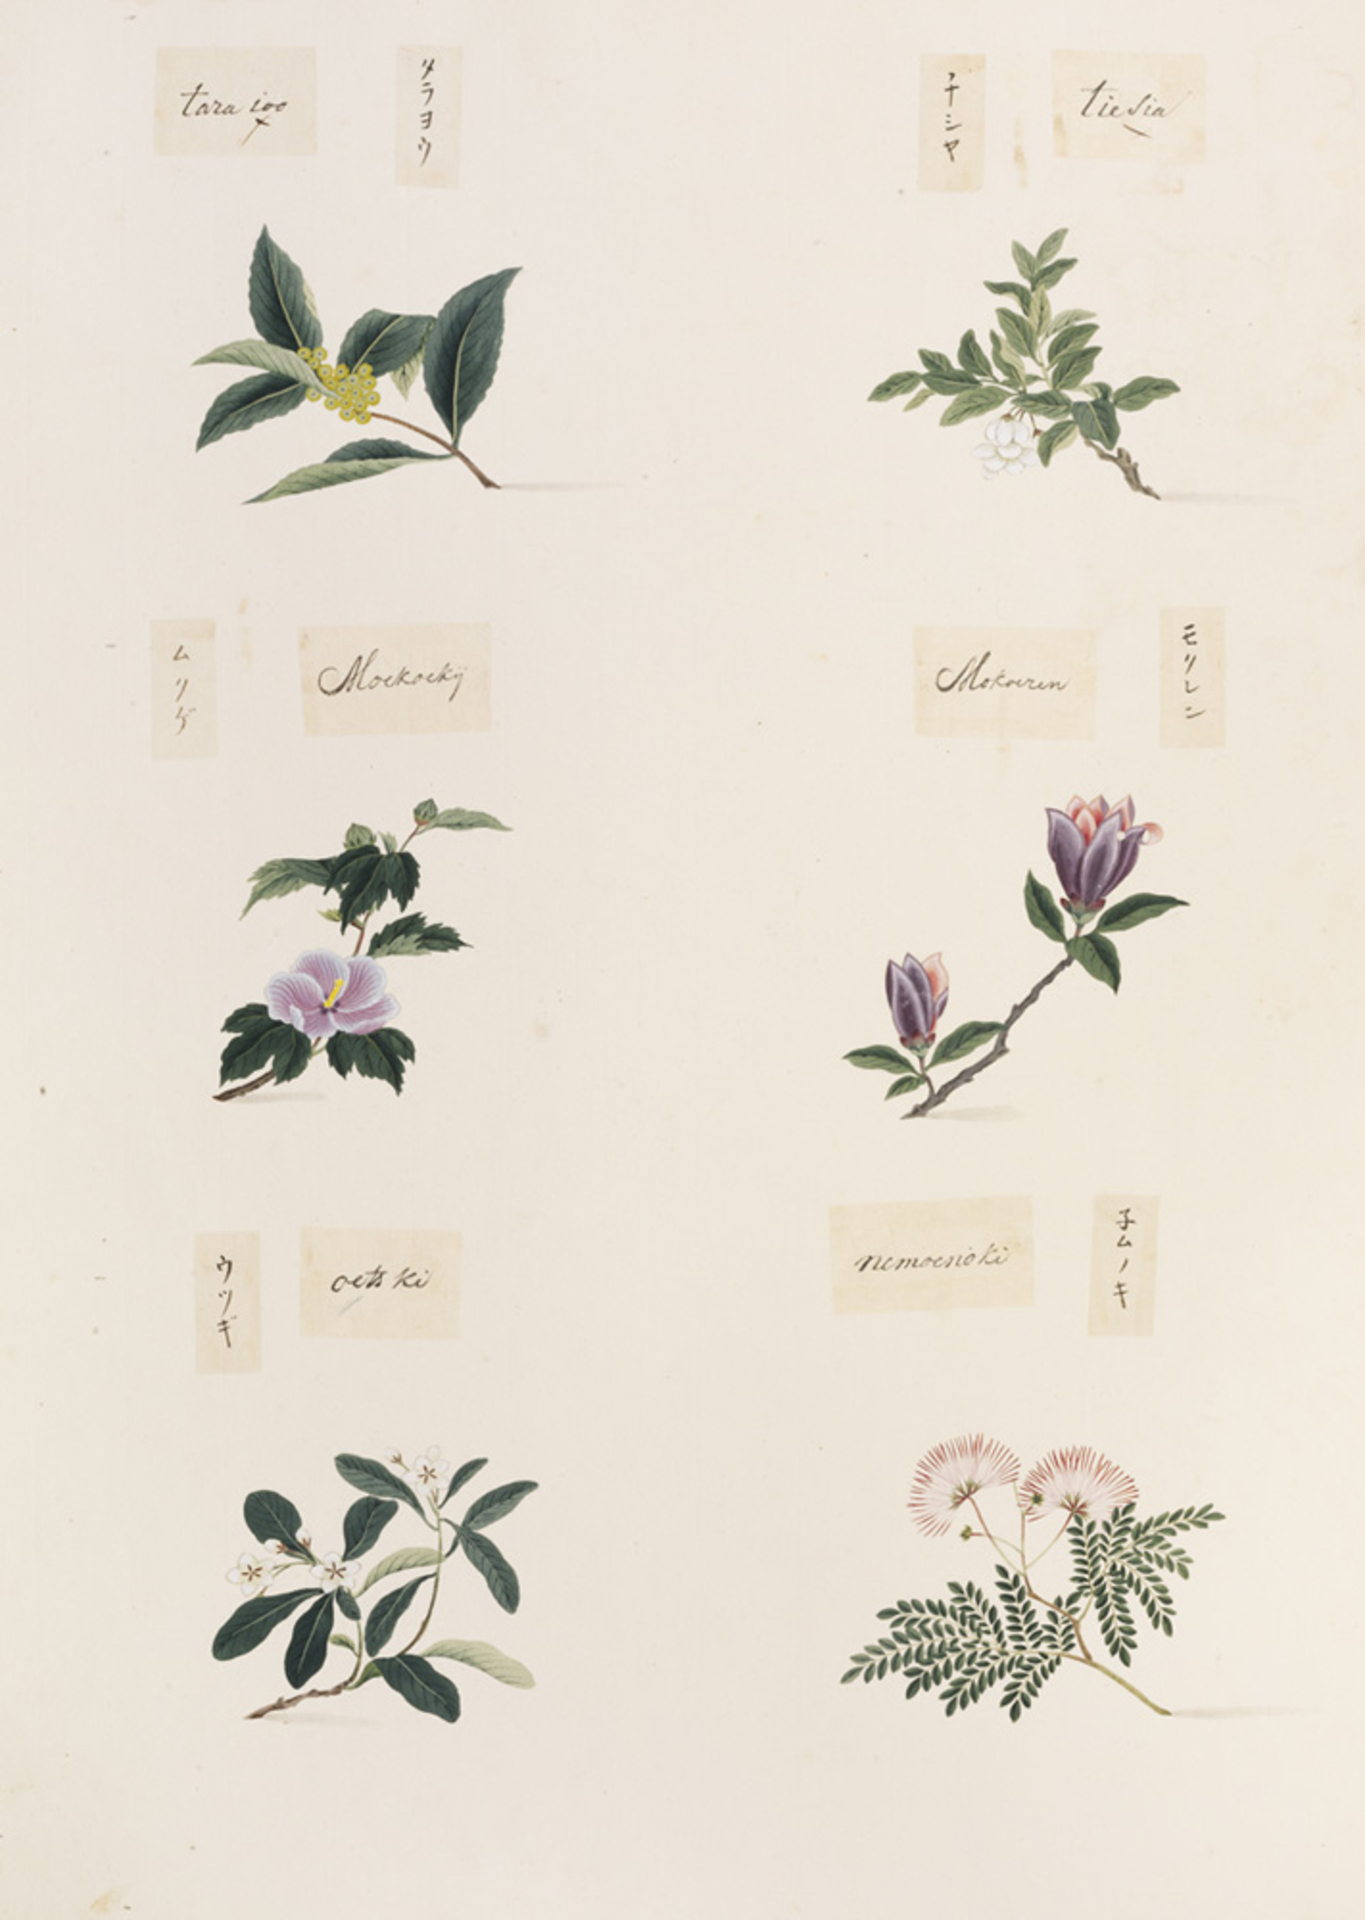 RMNH.ART.360   Albizia julibrissin